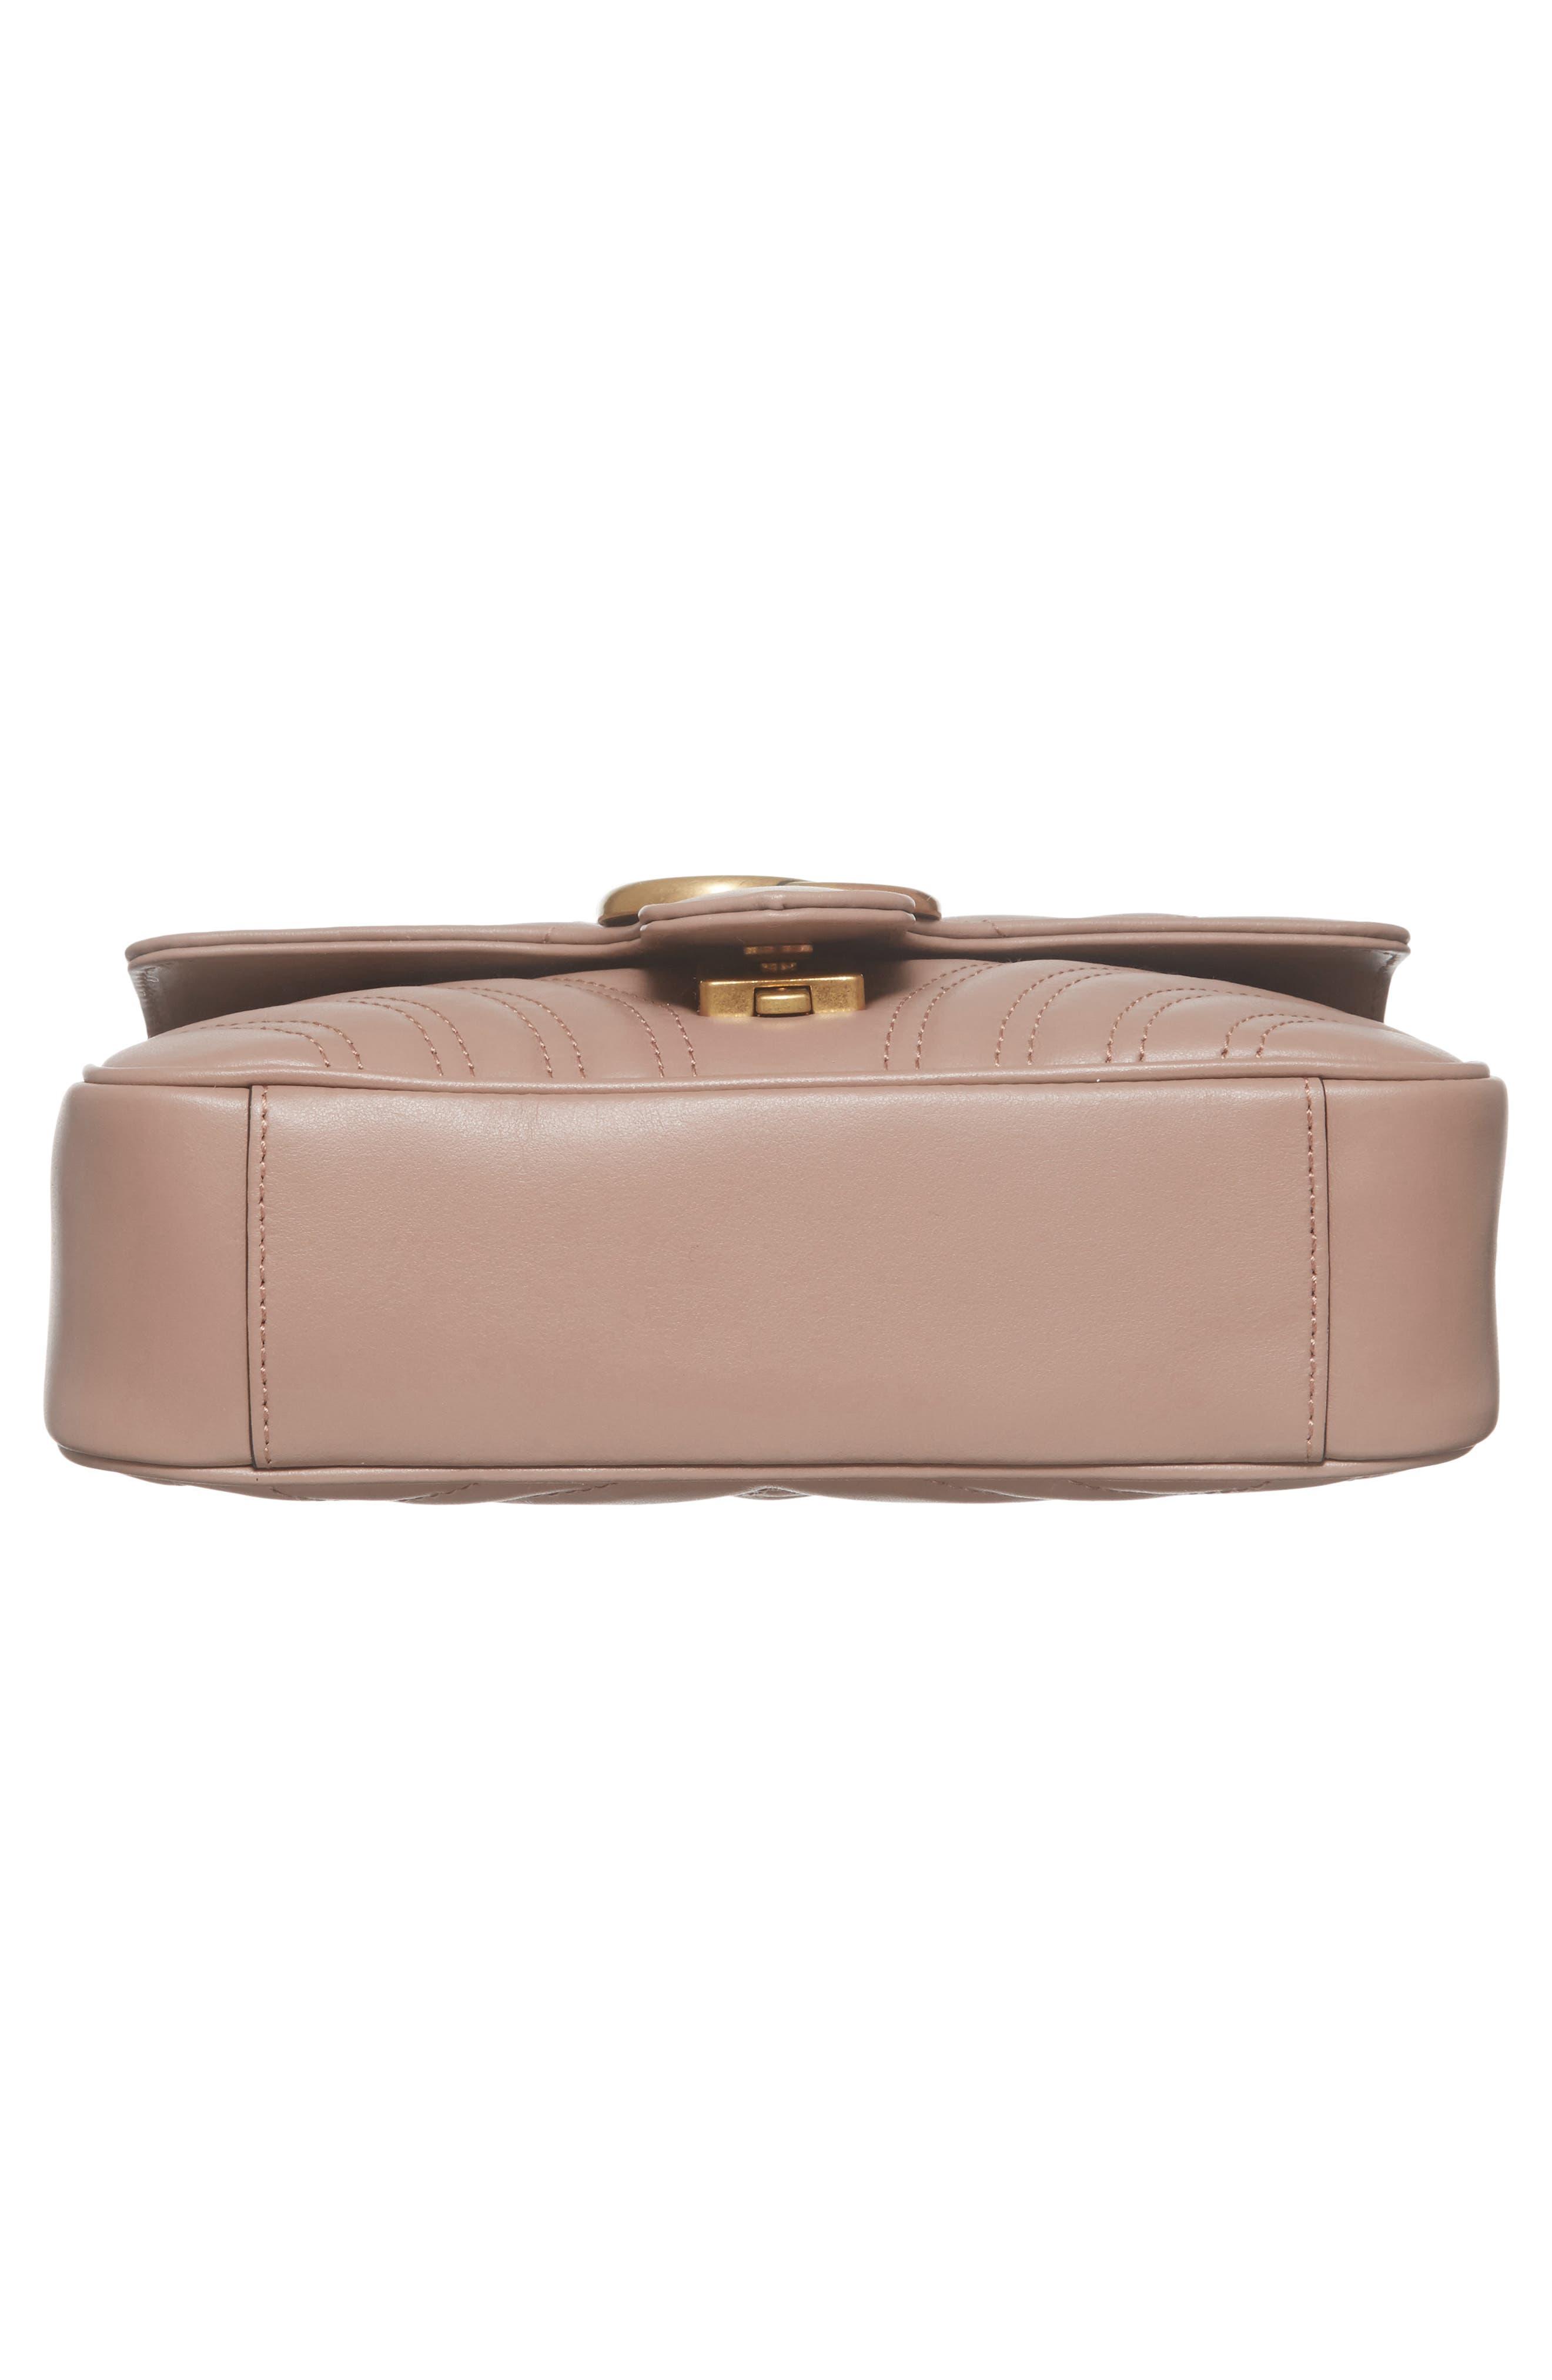 Mini GG Marmont 2.0 Matelassé Leather Shoulder Bag,                             Alternate thumbnail 4, color,                             Porcelain Rose